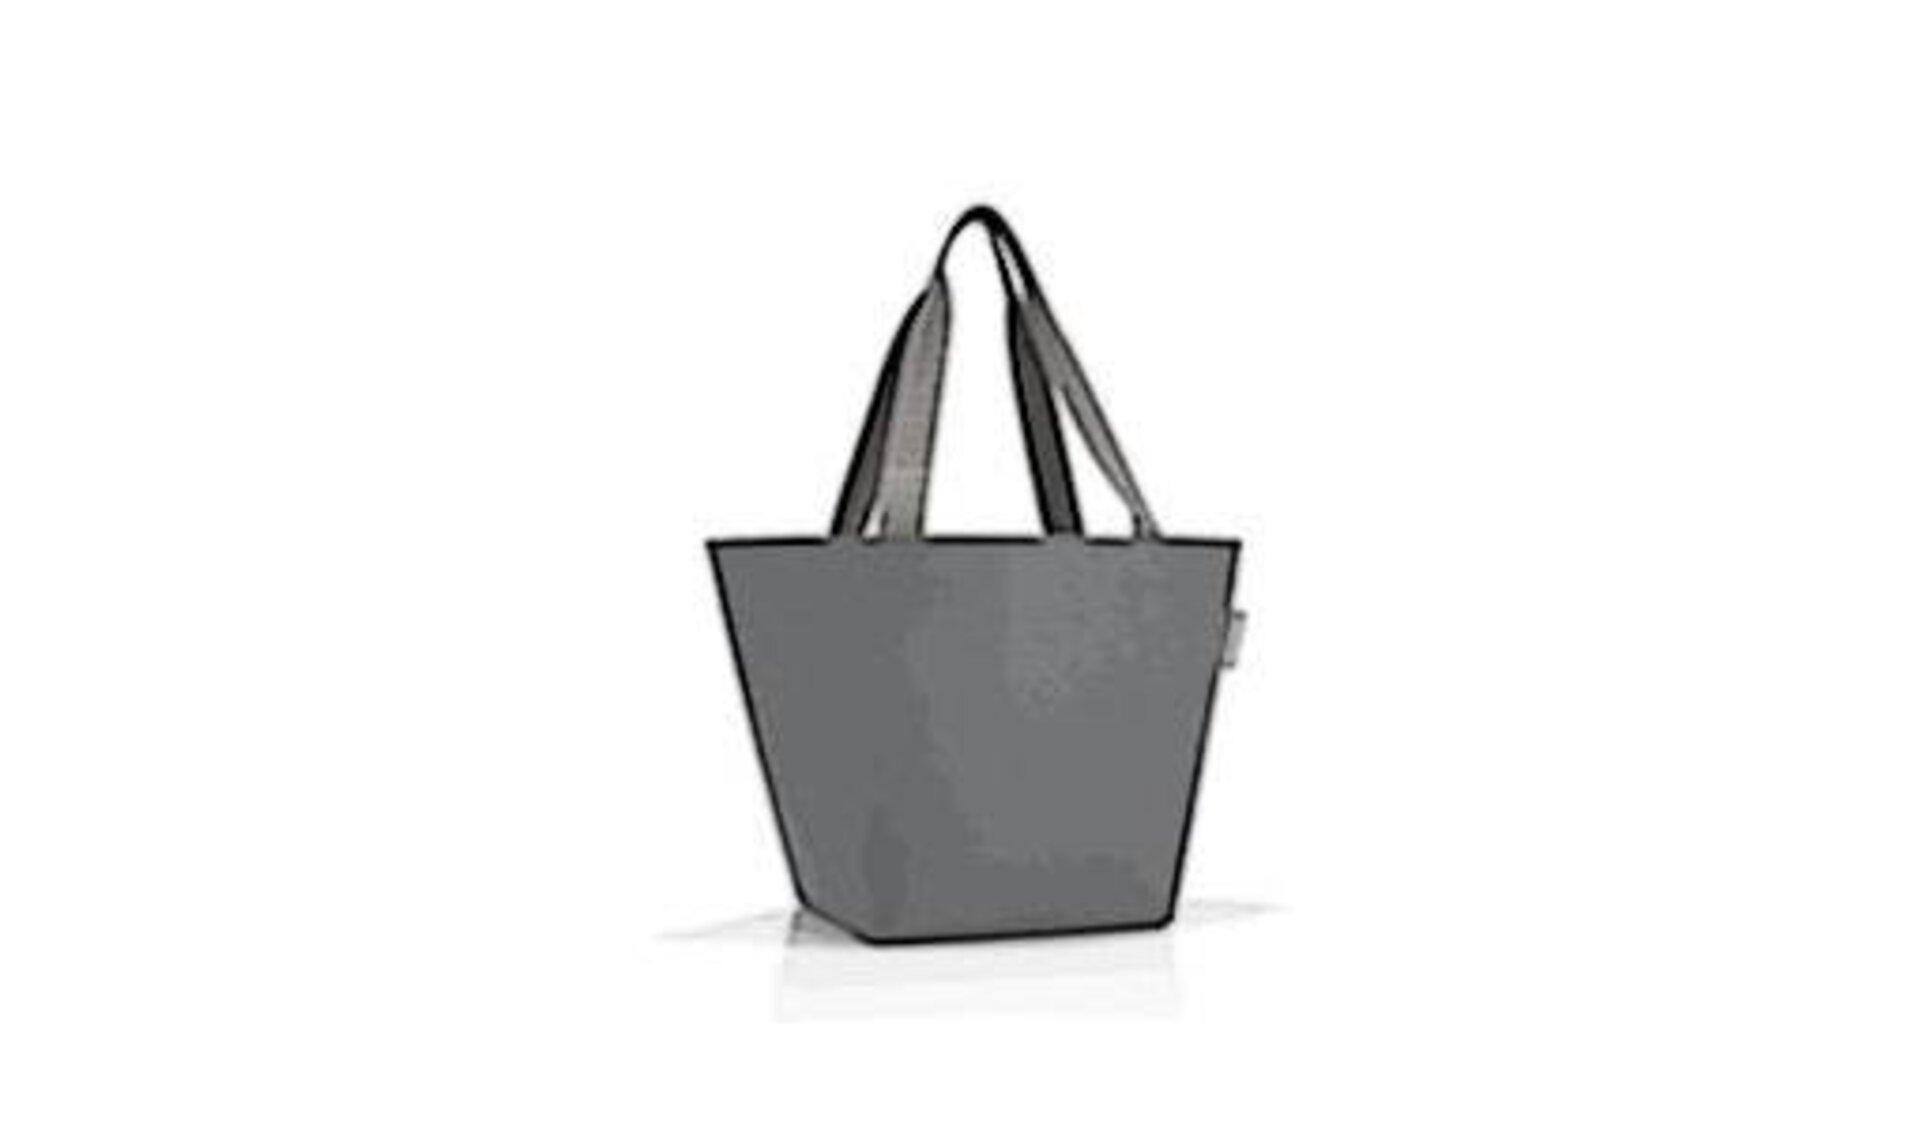 Graue Tasche in Trichterform mit langen Henkeln steht als Icon für alle Taschen und Beutel.